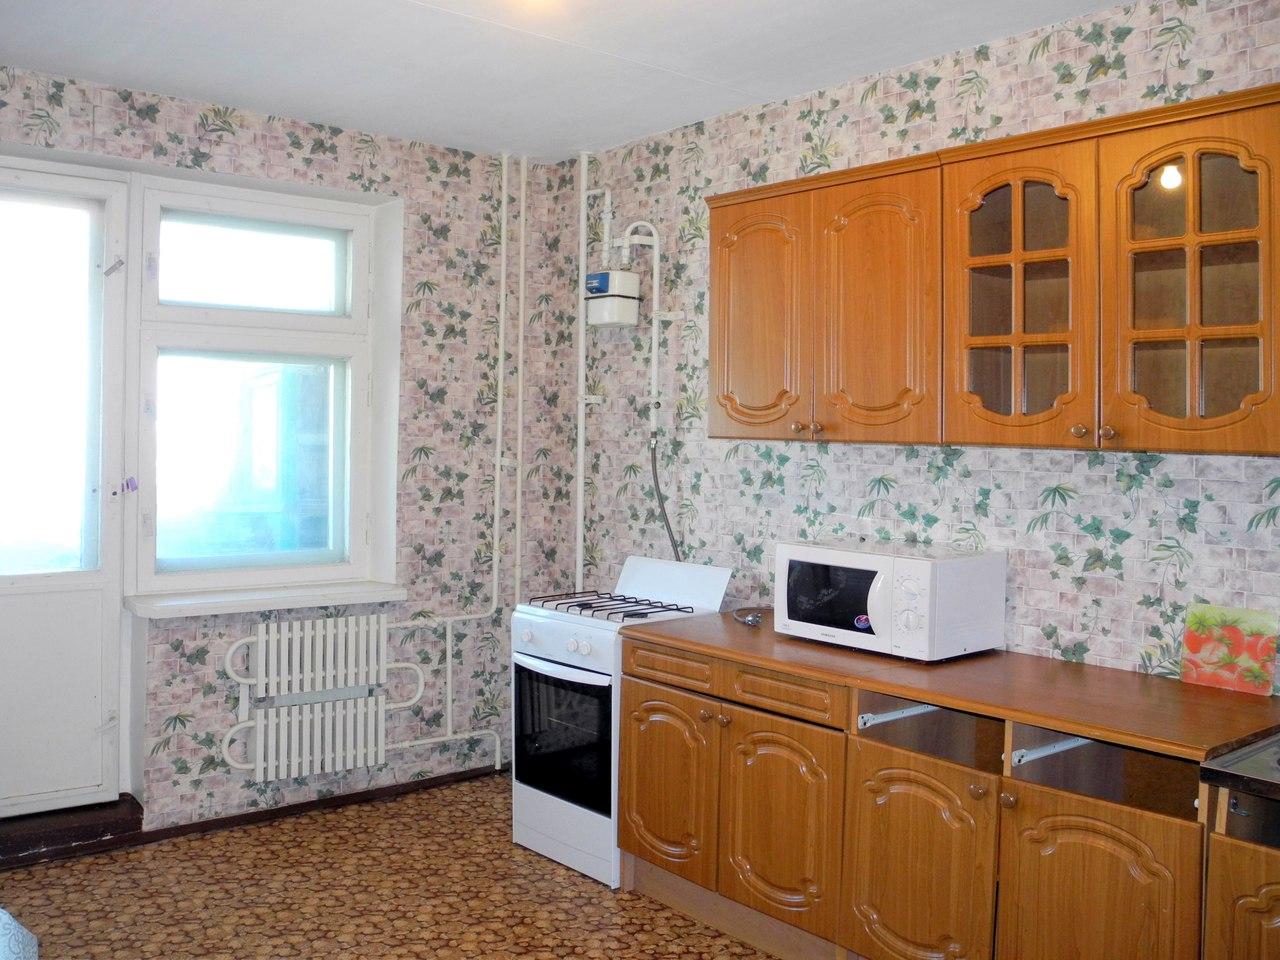 авито казань недвижимость квартиры вторичка купить актуальные вакансии всего